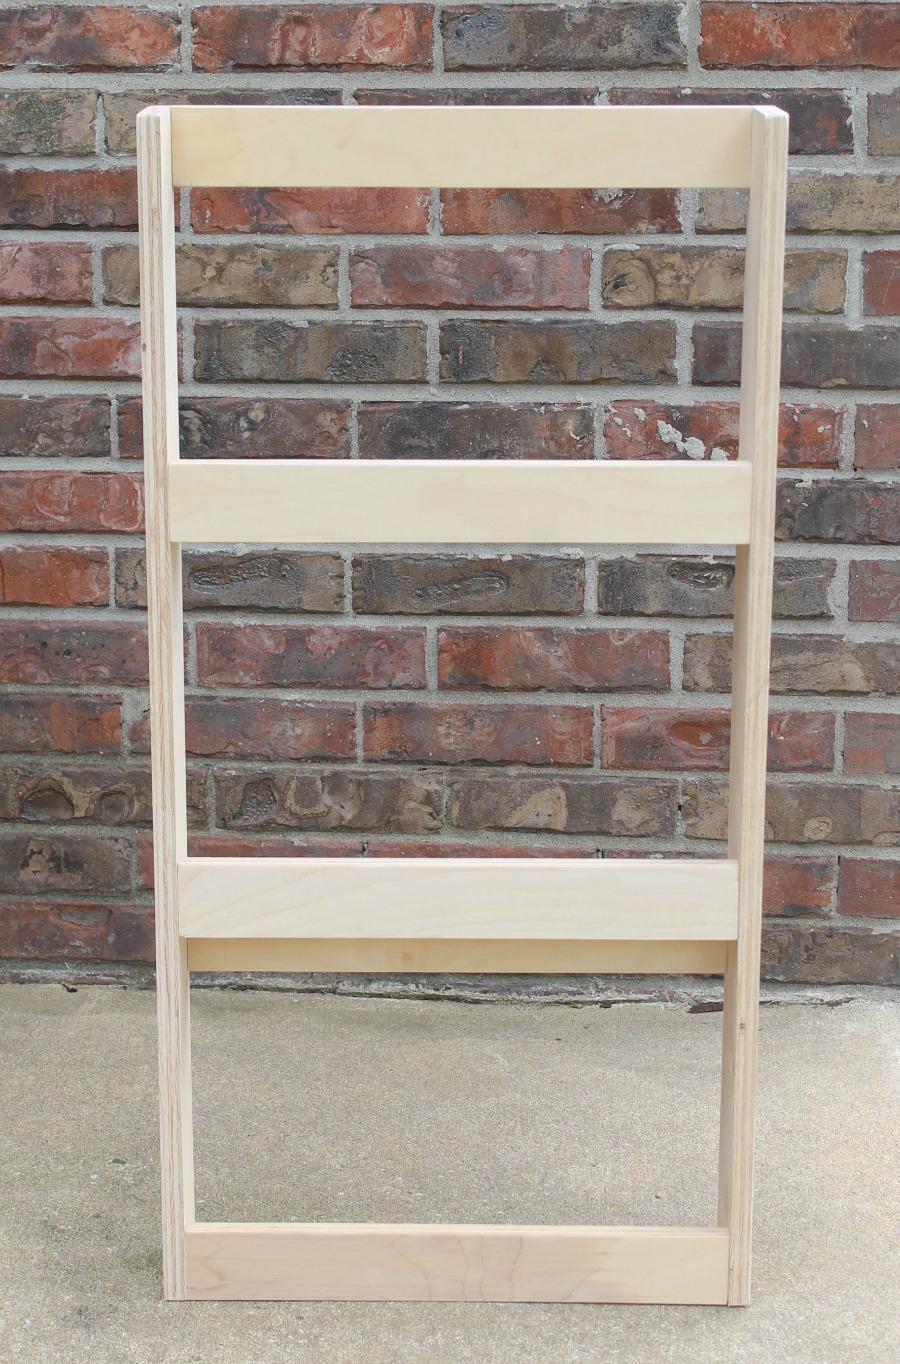 tutorial - simple diy bookshelf, diy bookcase, diy bookshelf, diy bookshelf ideas, wood bookshelf diy